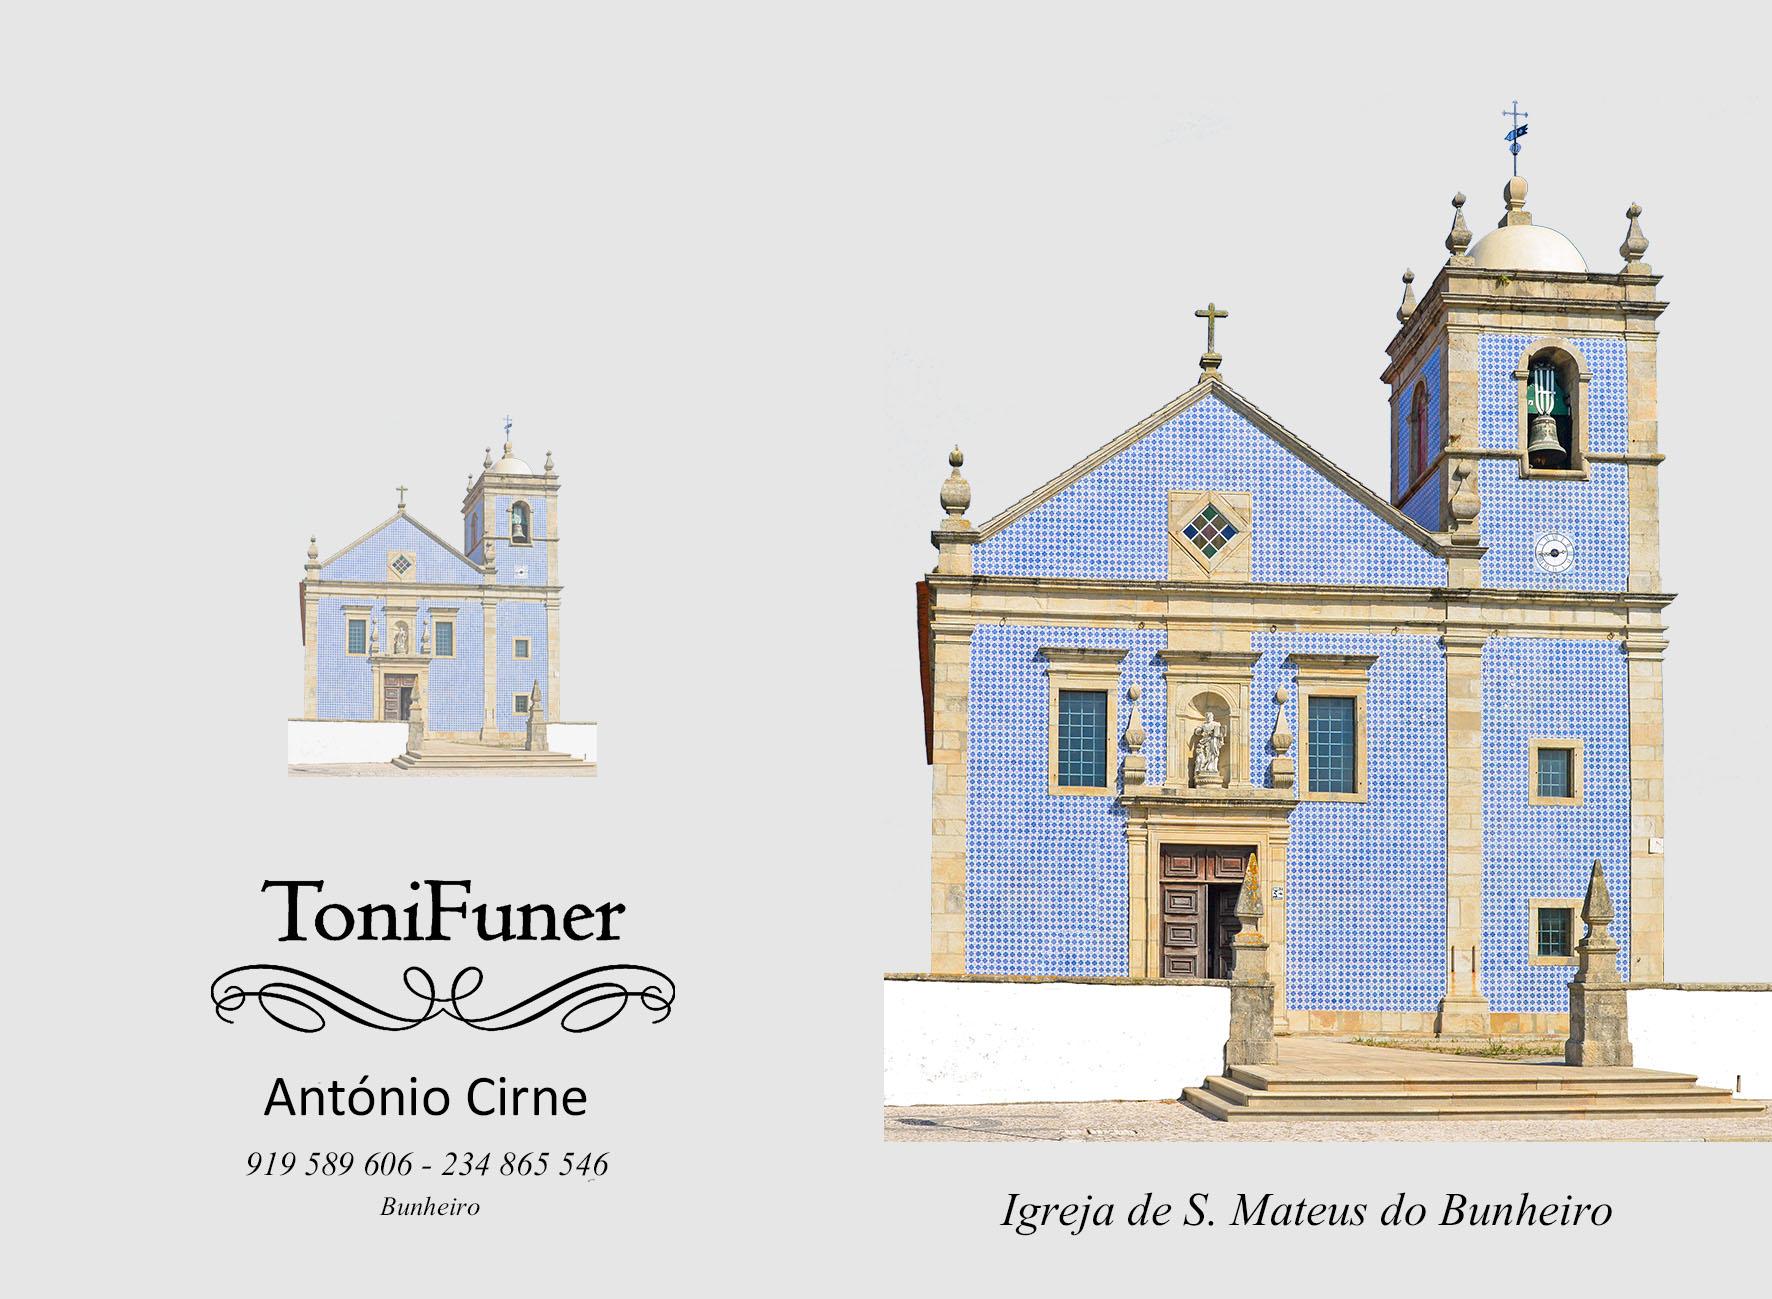 pagela-igreja-do-bunheiro-toni